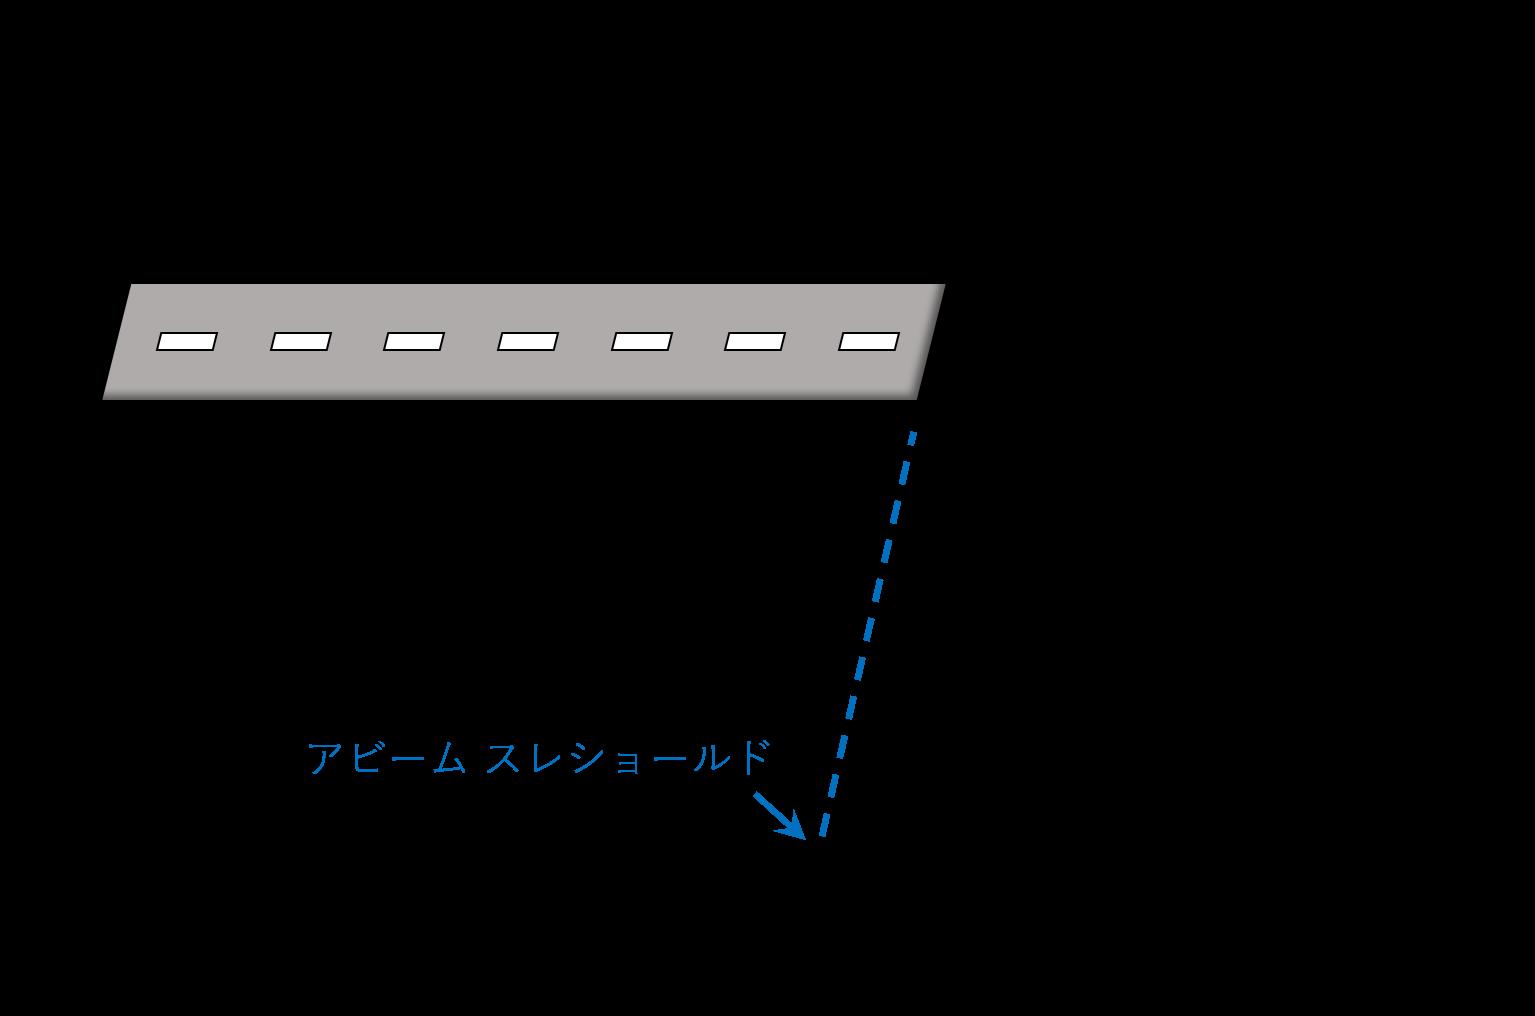 トラフィックパターンのイメージ図